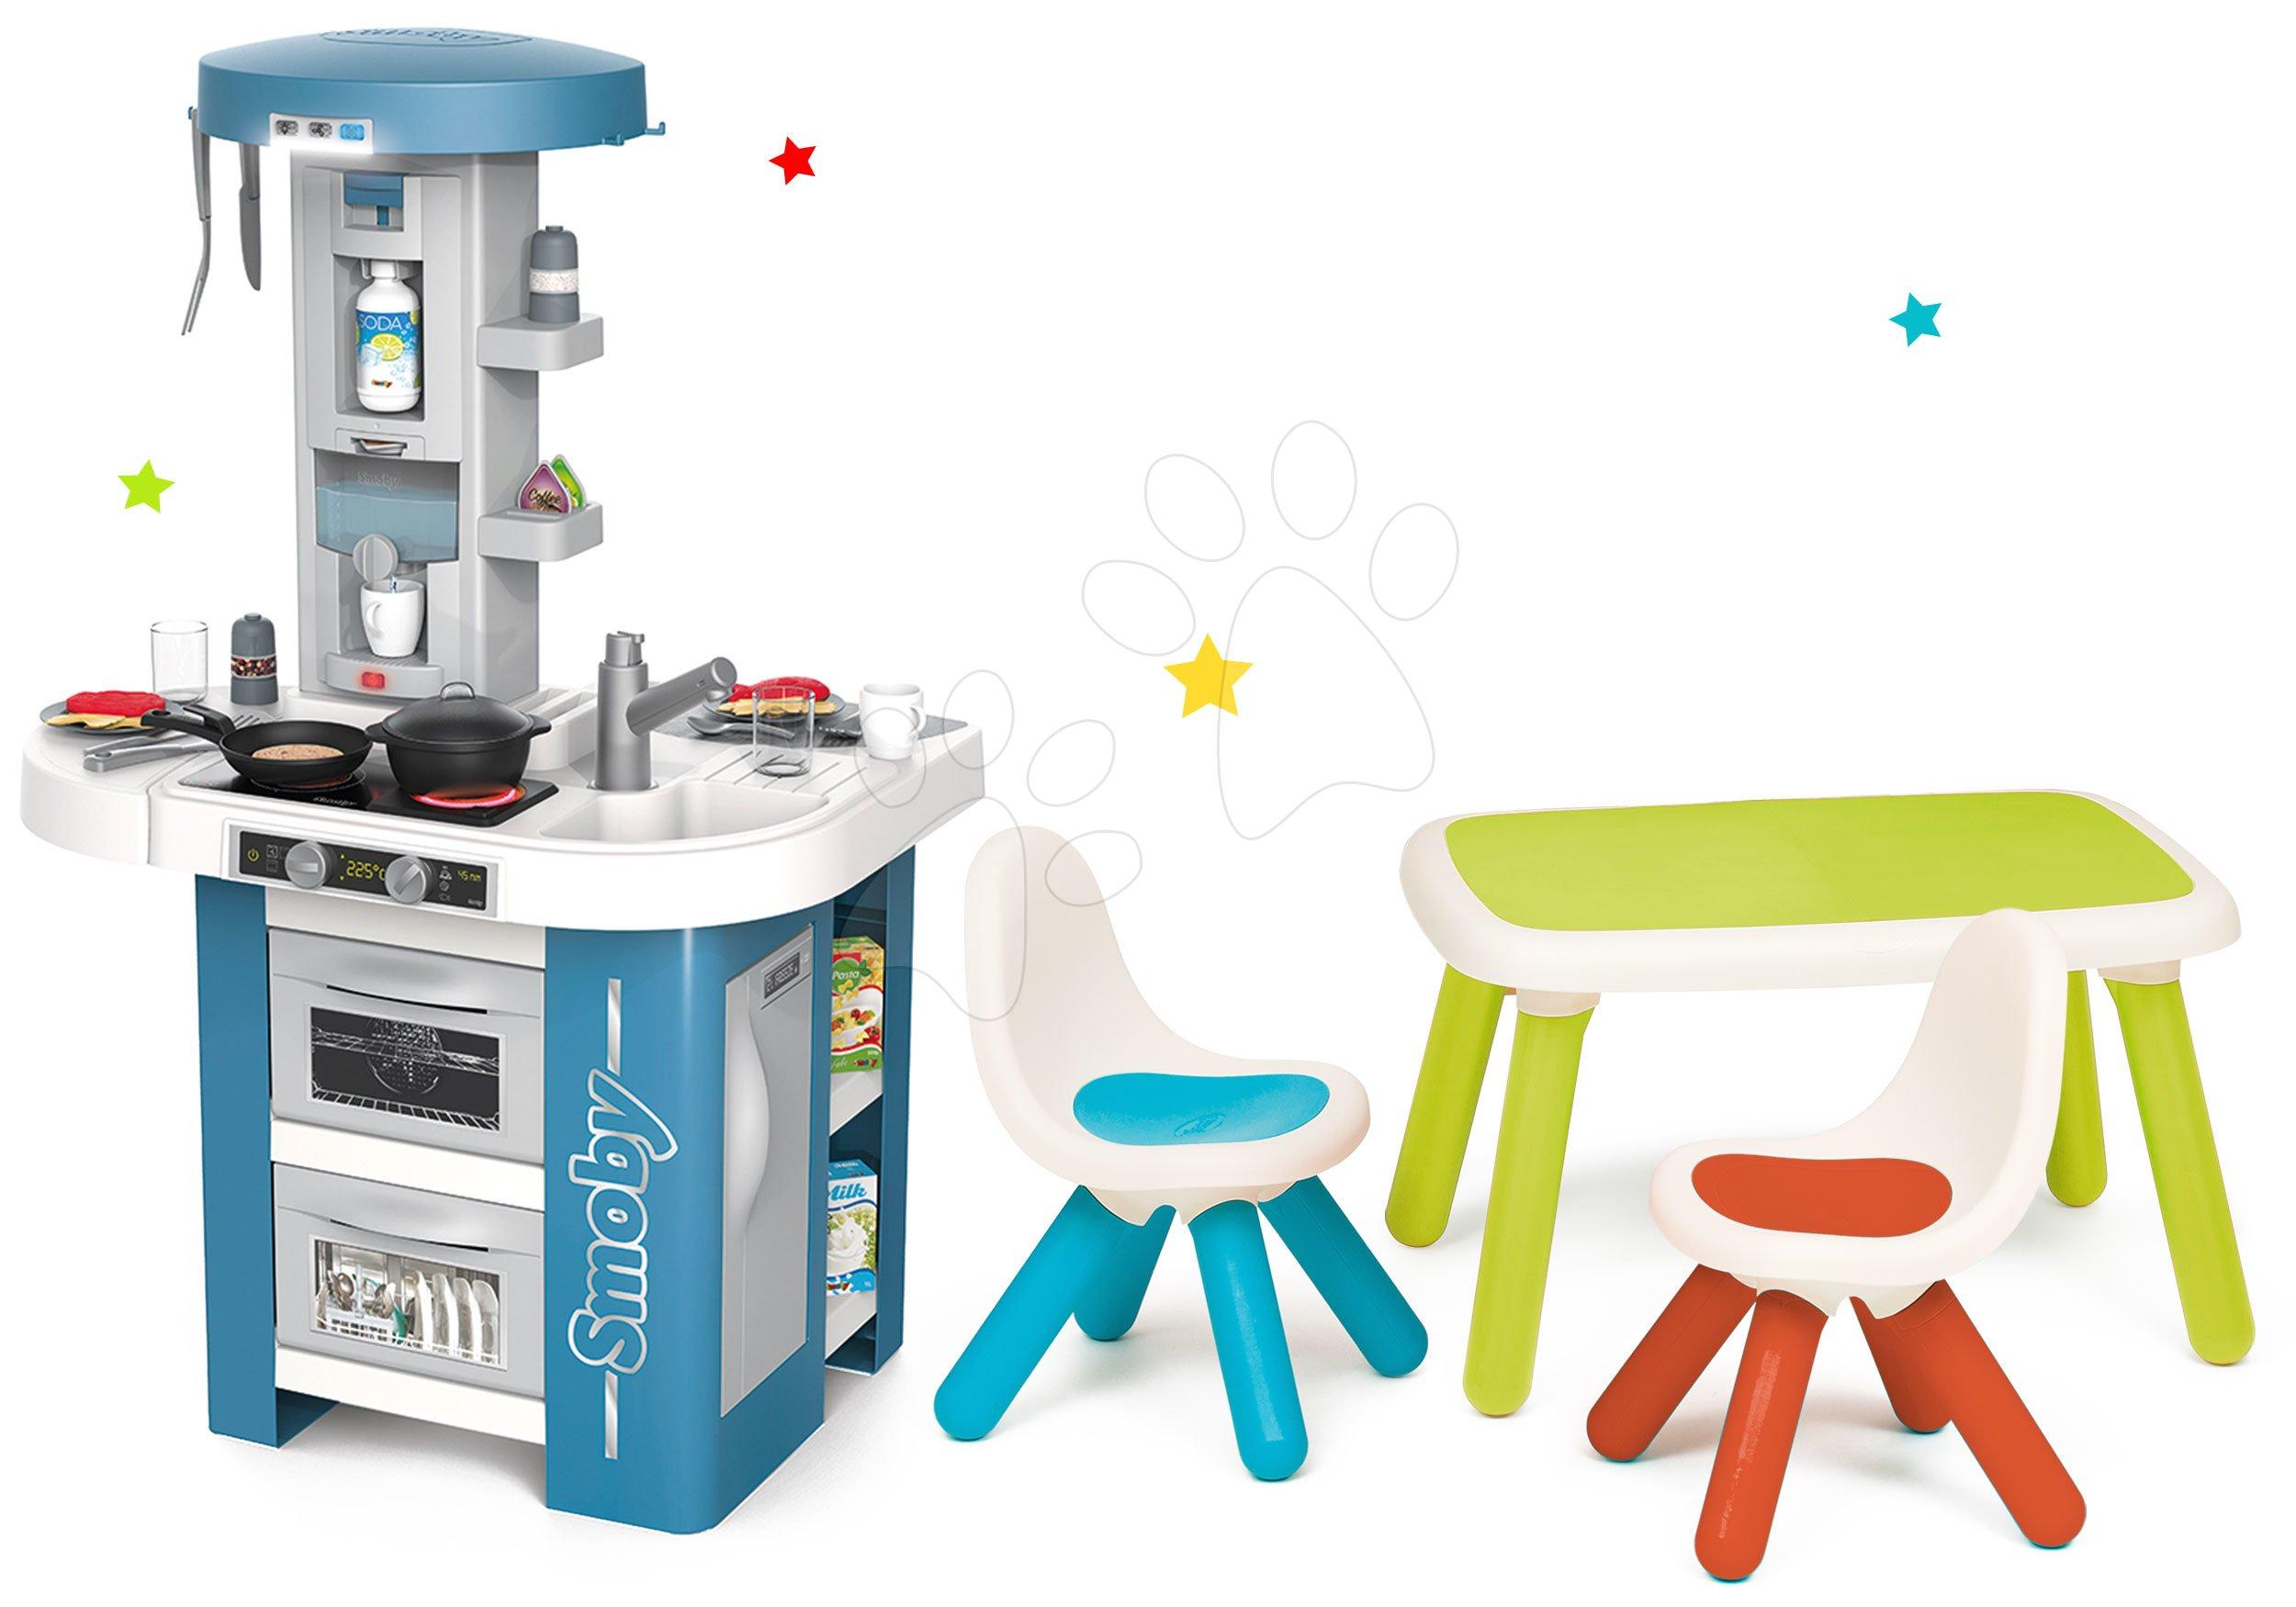 Szett játékkonyha műszaki felszereléssel Tech Edition Smoby elektronikus és asztal két székkel